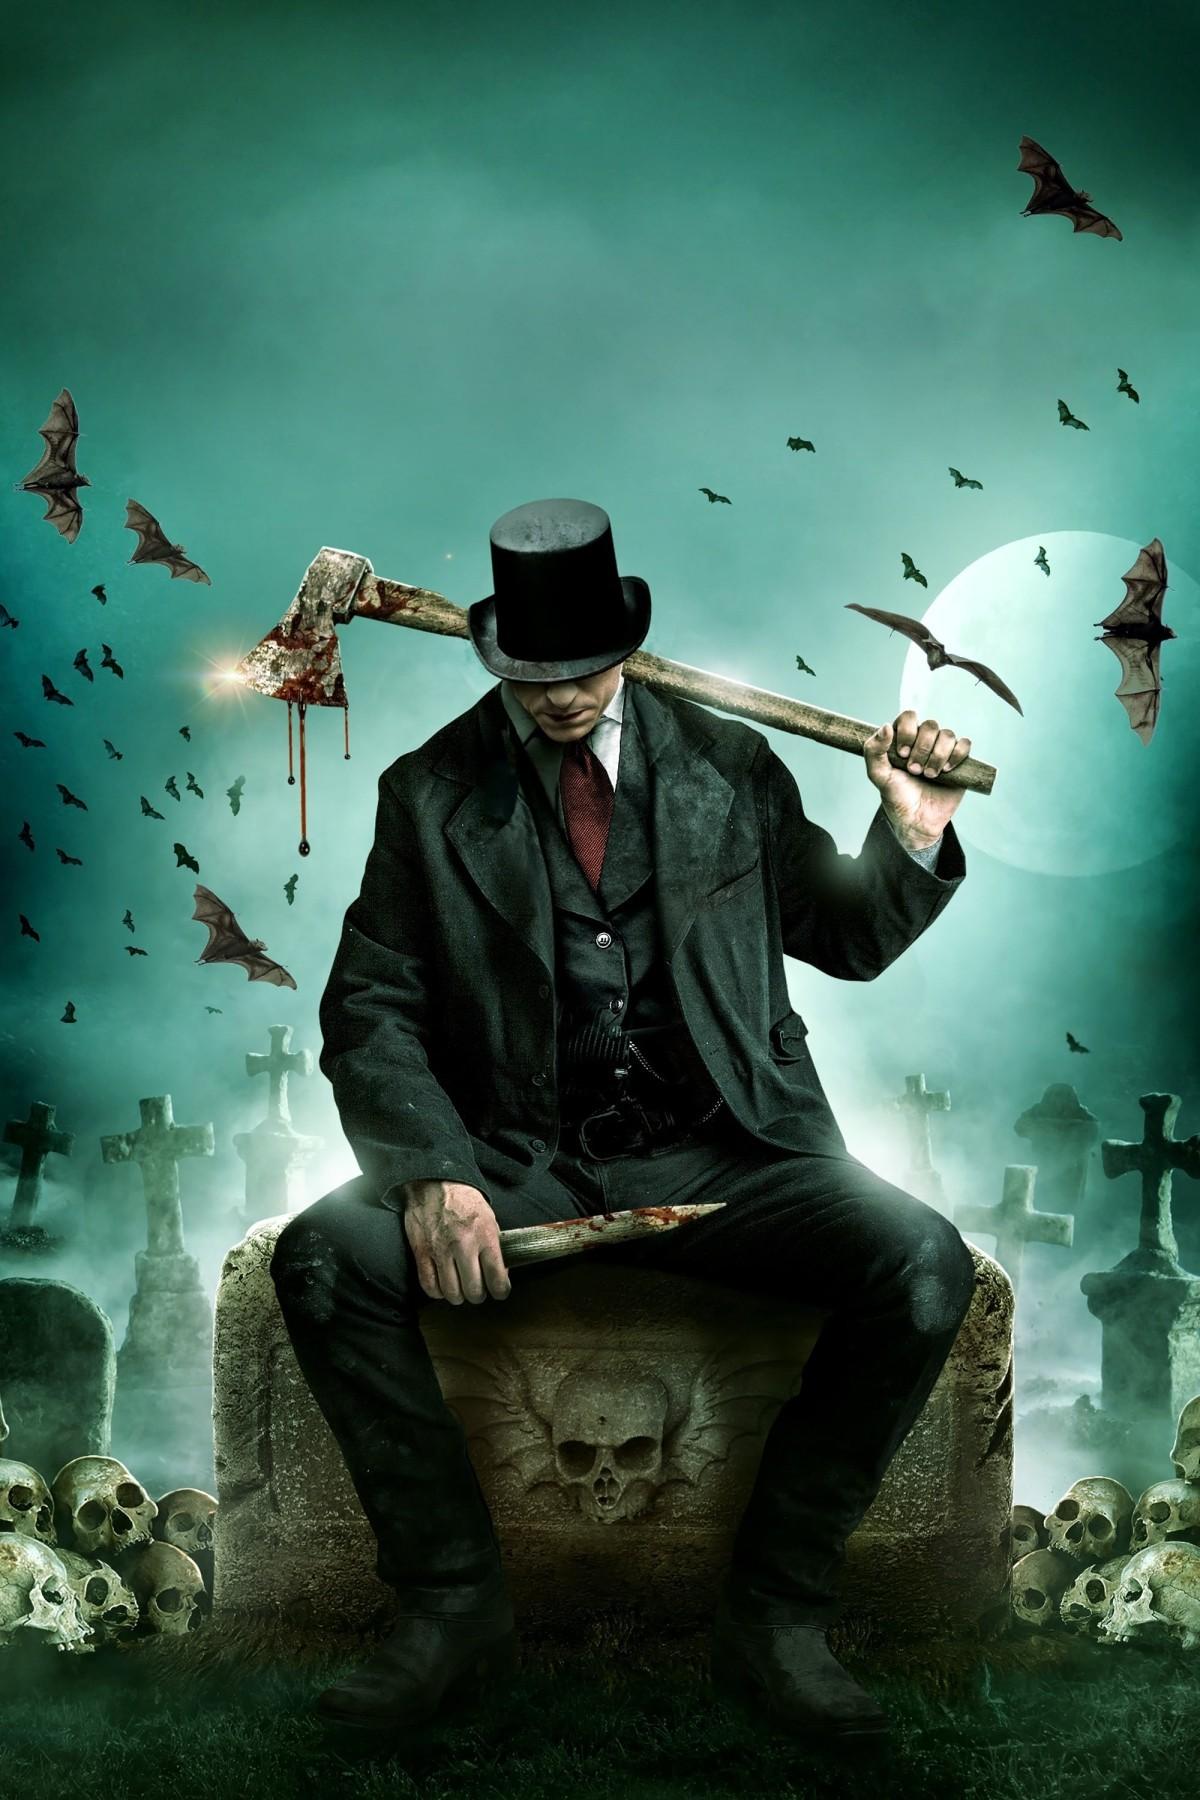 Bram Stoker's Van Helsing image